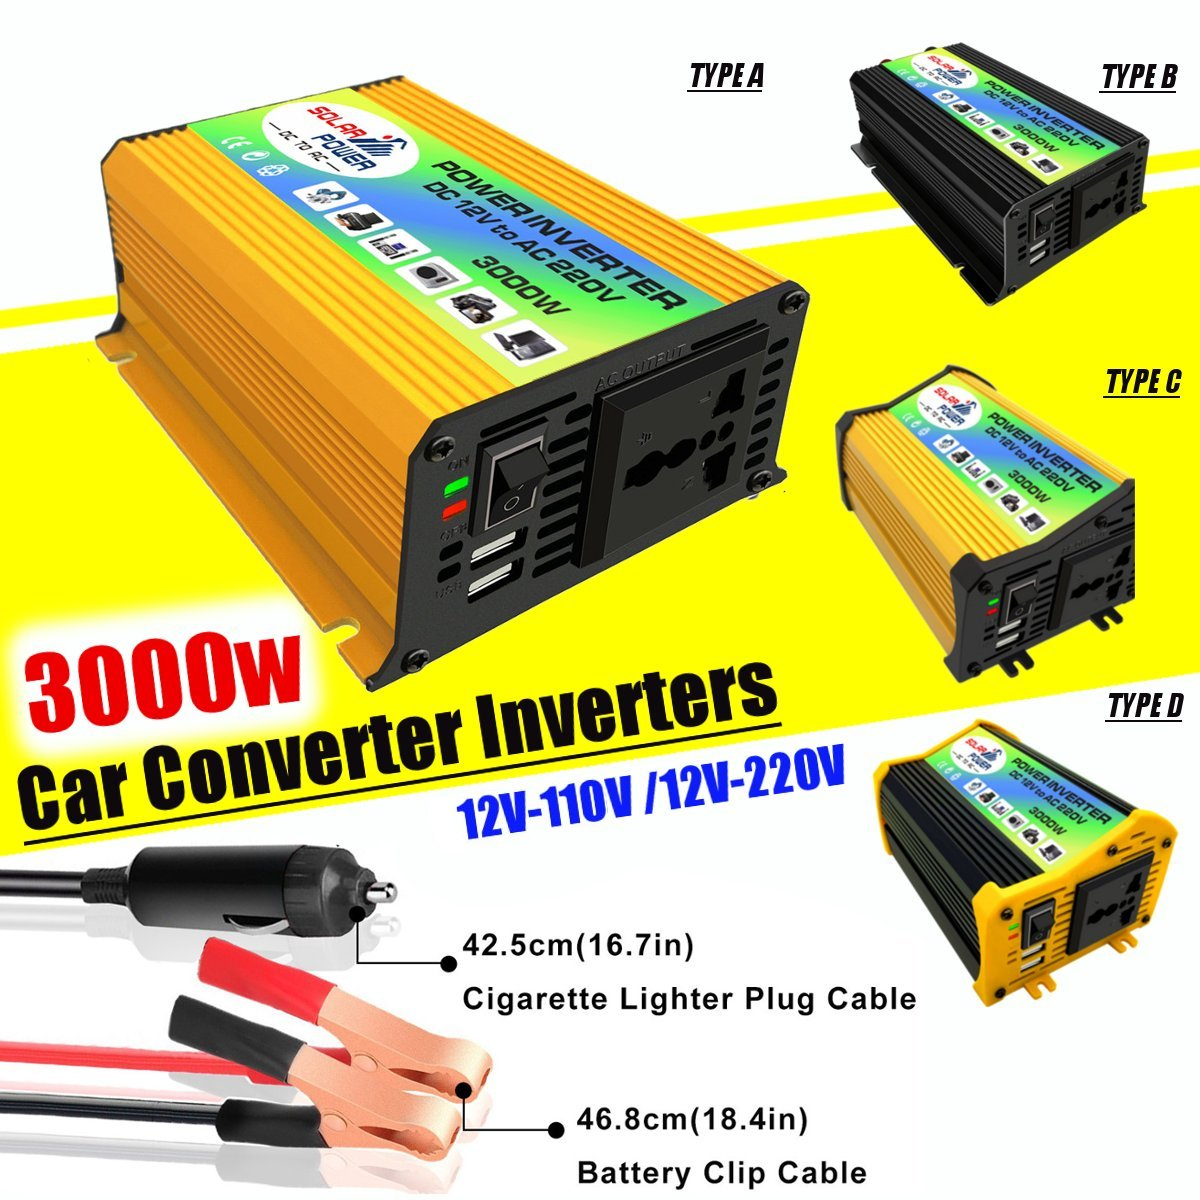 Falownik solarny 3000W napięcie konwerter transformatora DC 12V do AC 110V falownik samochodowy dla falownik solarny urządzenia domowe